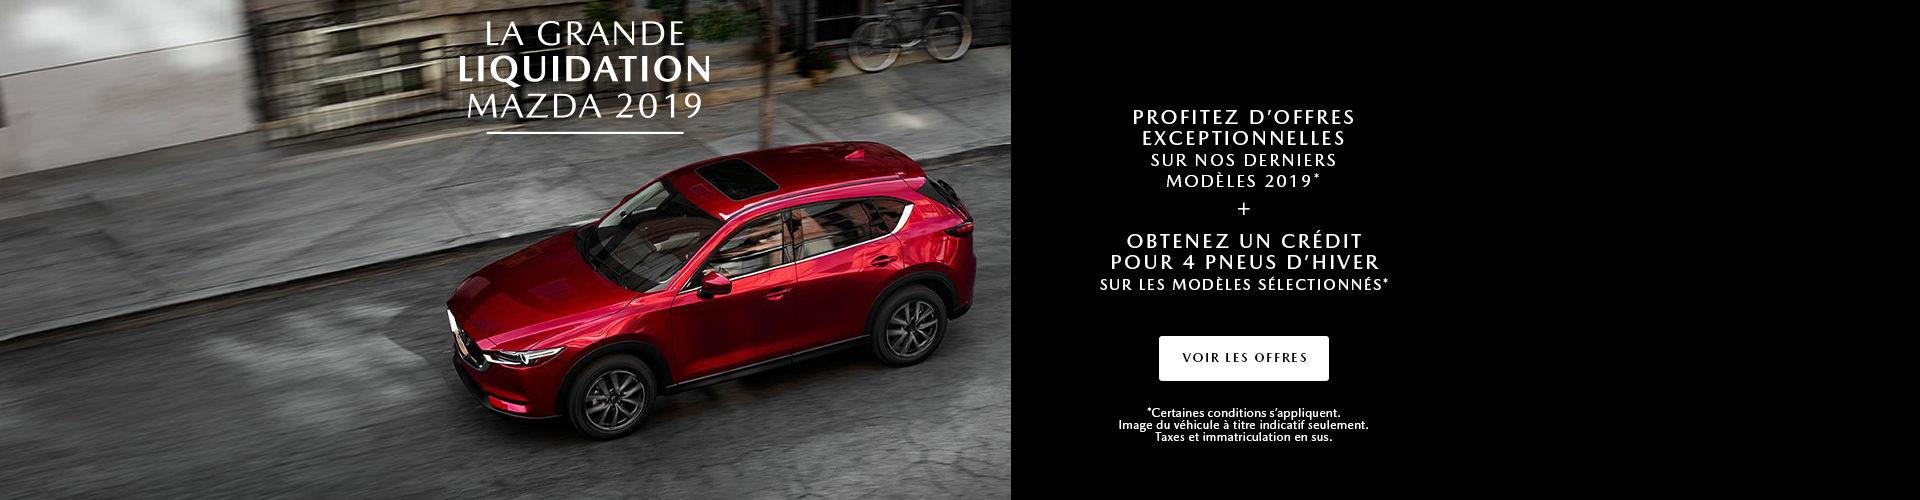 L'événement grande liquidation Mazda